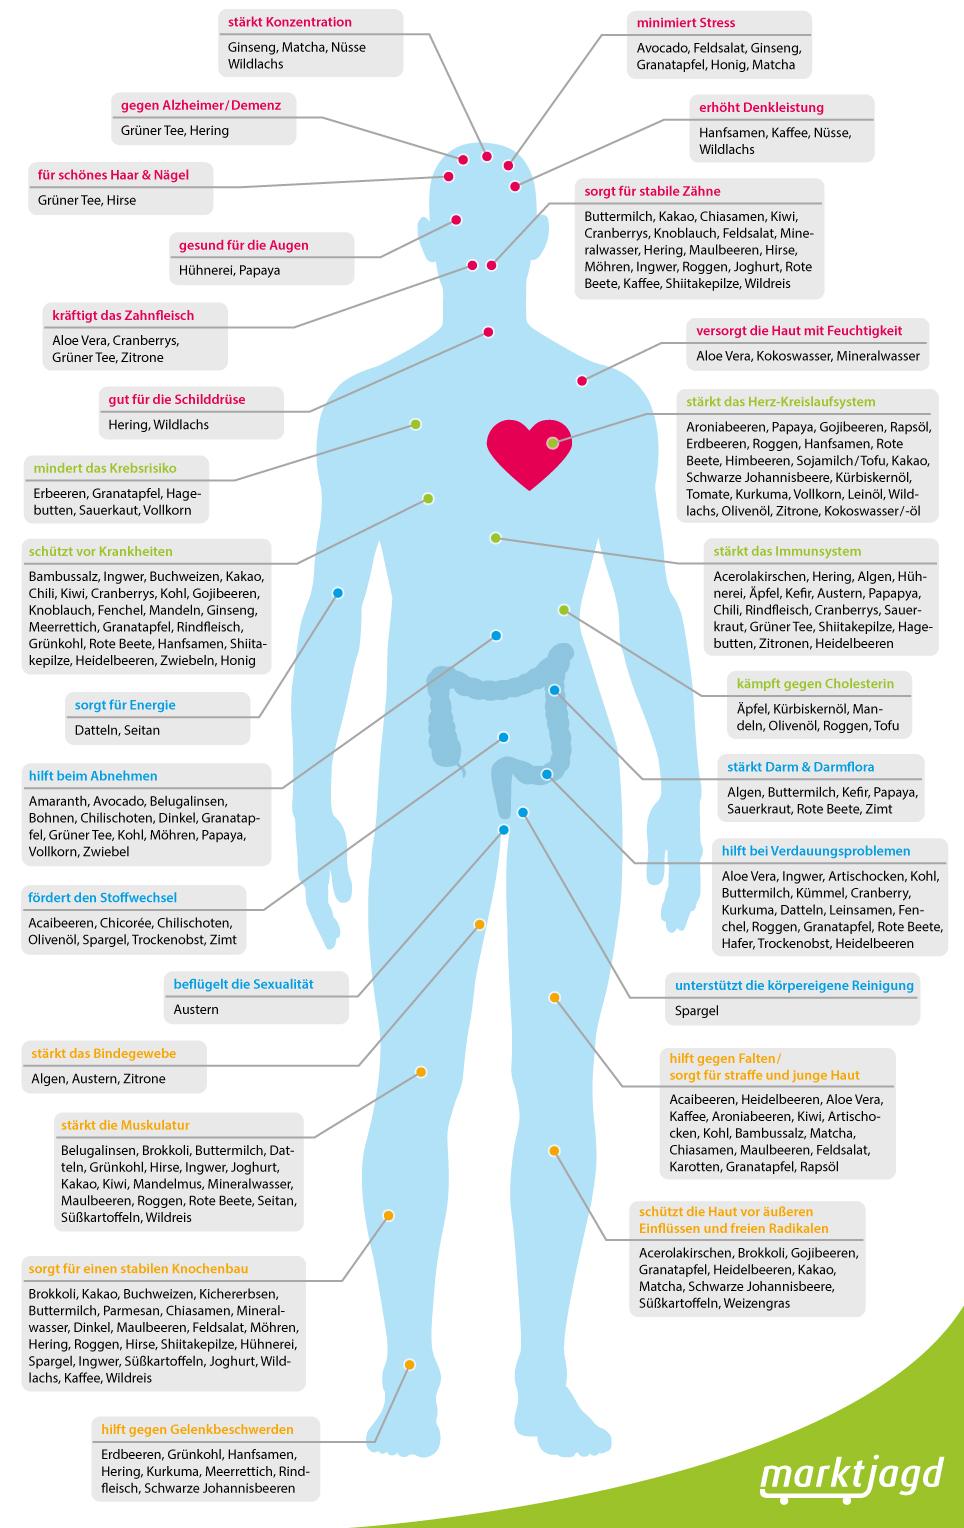 Lebensmittel und ihre Wirkung